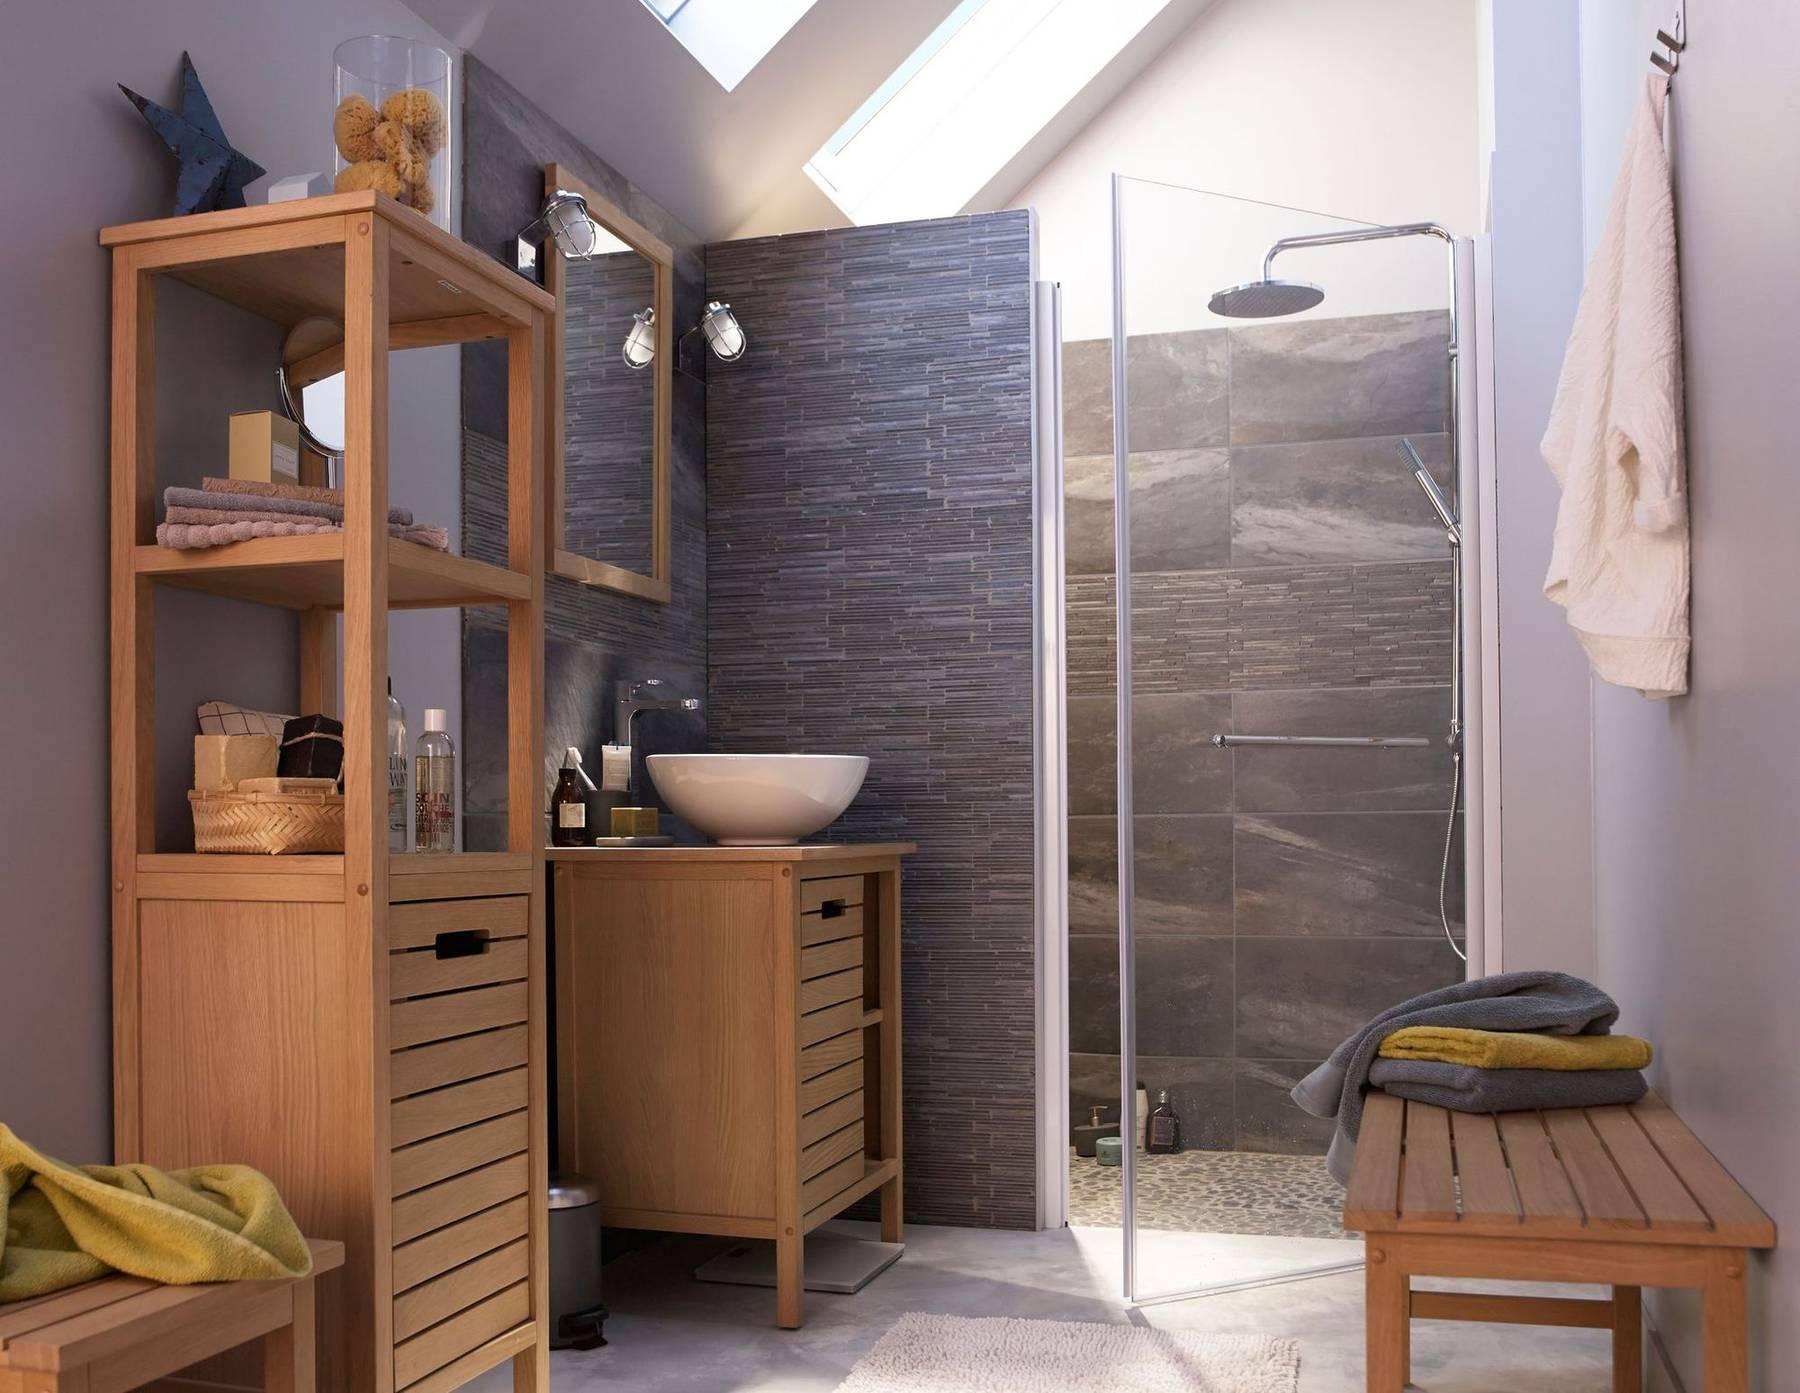 appliques salle de bains verre et metal chrome castorama 5510101 maisons pep 39 s. Black Bedroom Furniture Sets. Home Design Ideas